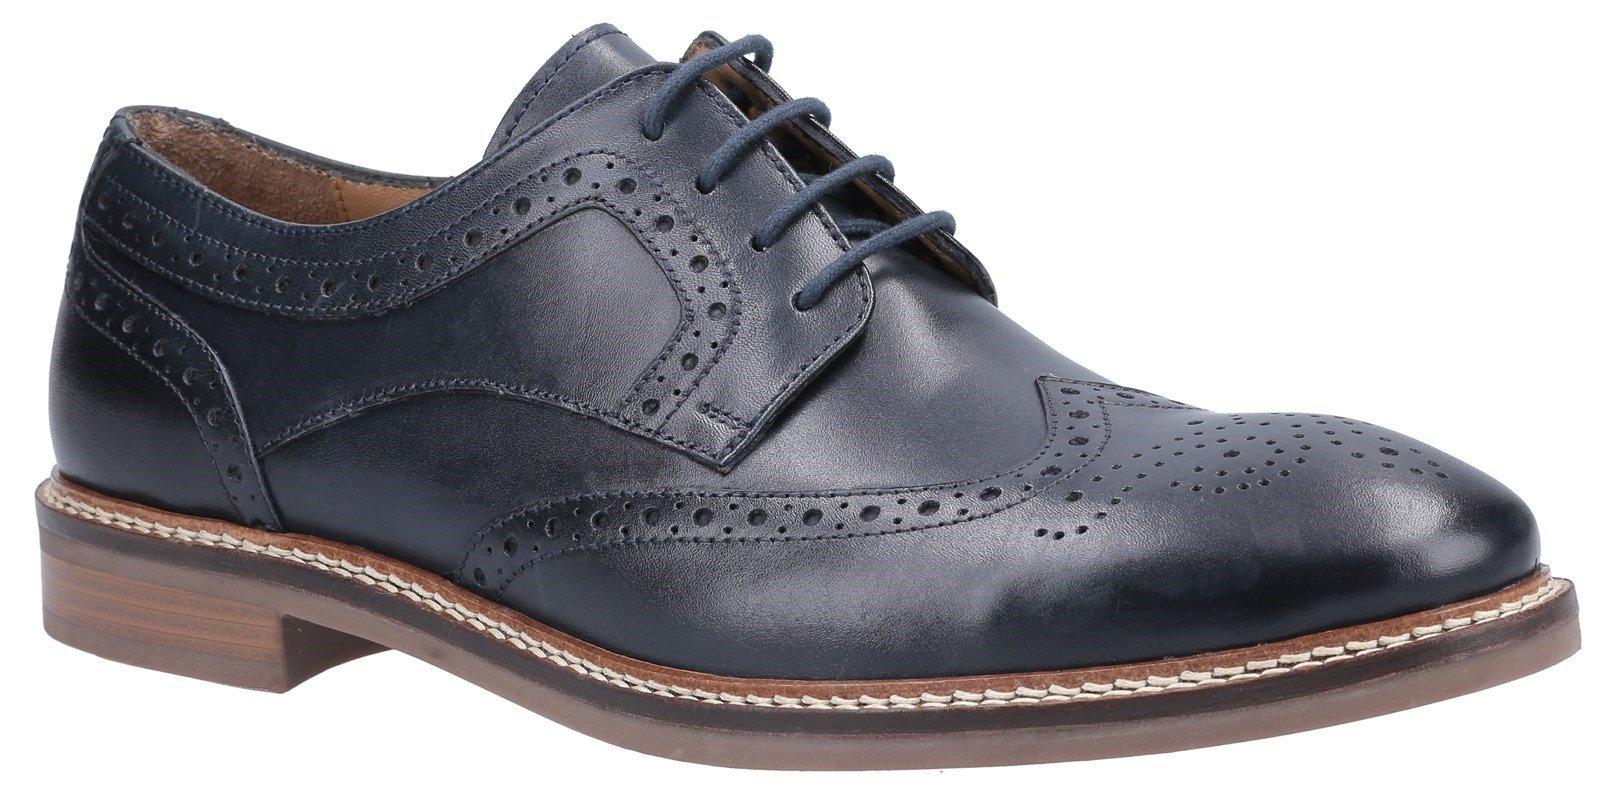 Hush Puppies Men's Bryson Lace Brogue Shoes Various Colours 31280 - Navy 6